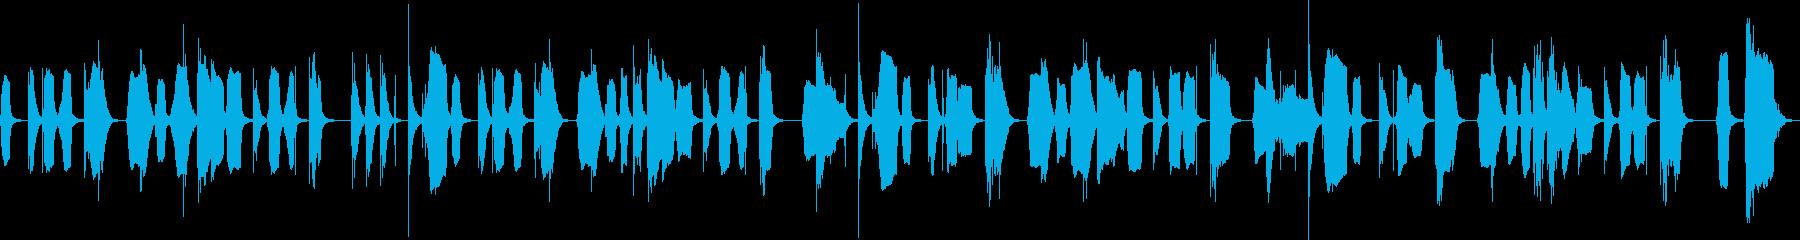 呑気なBGMの再生済みの波形